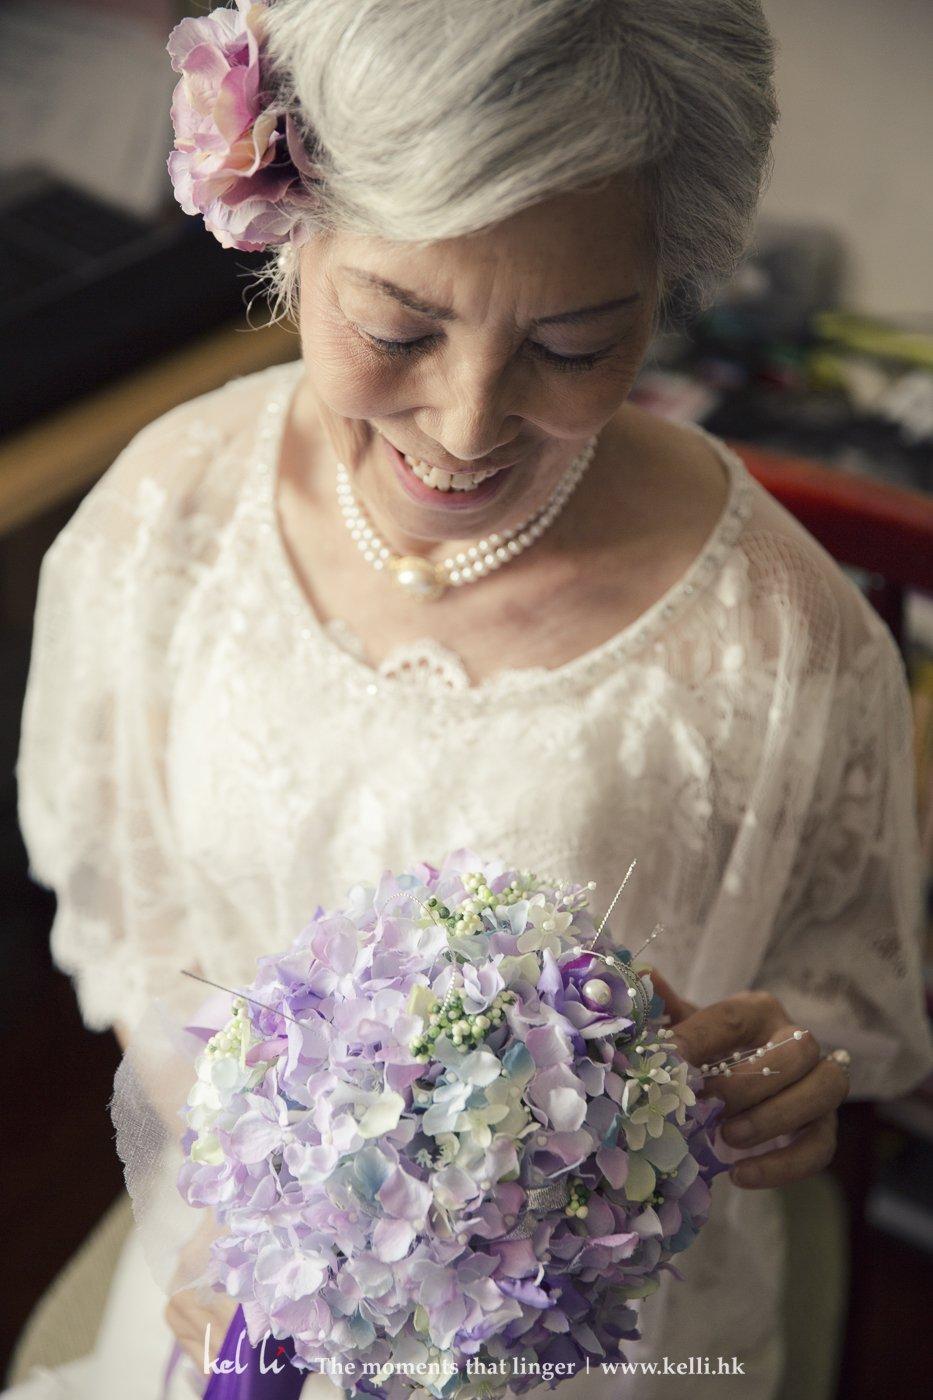 換上了婚紗的杜太,感覺又截然不同,很高貴